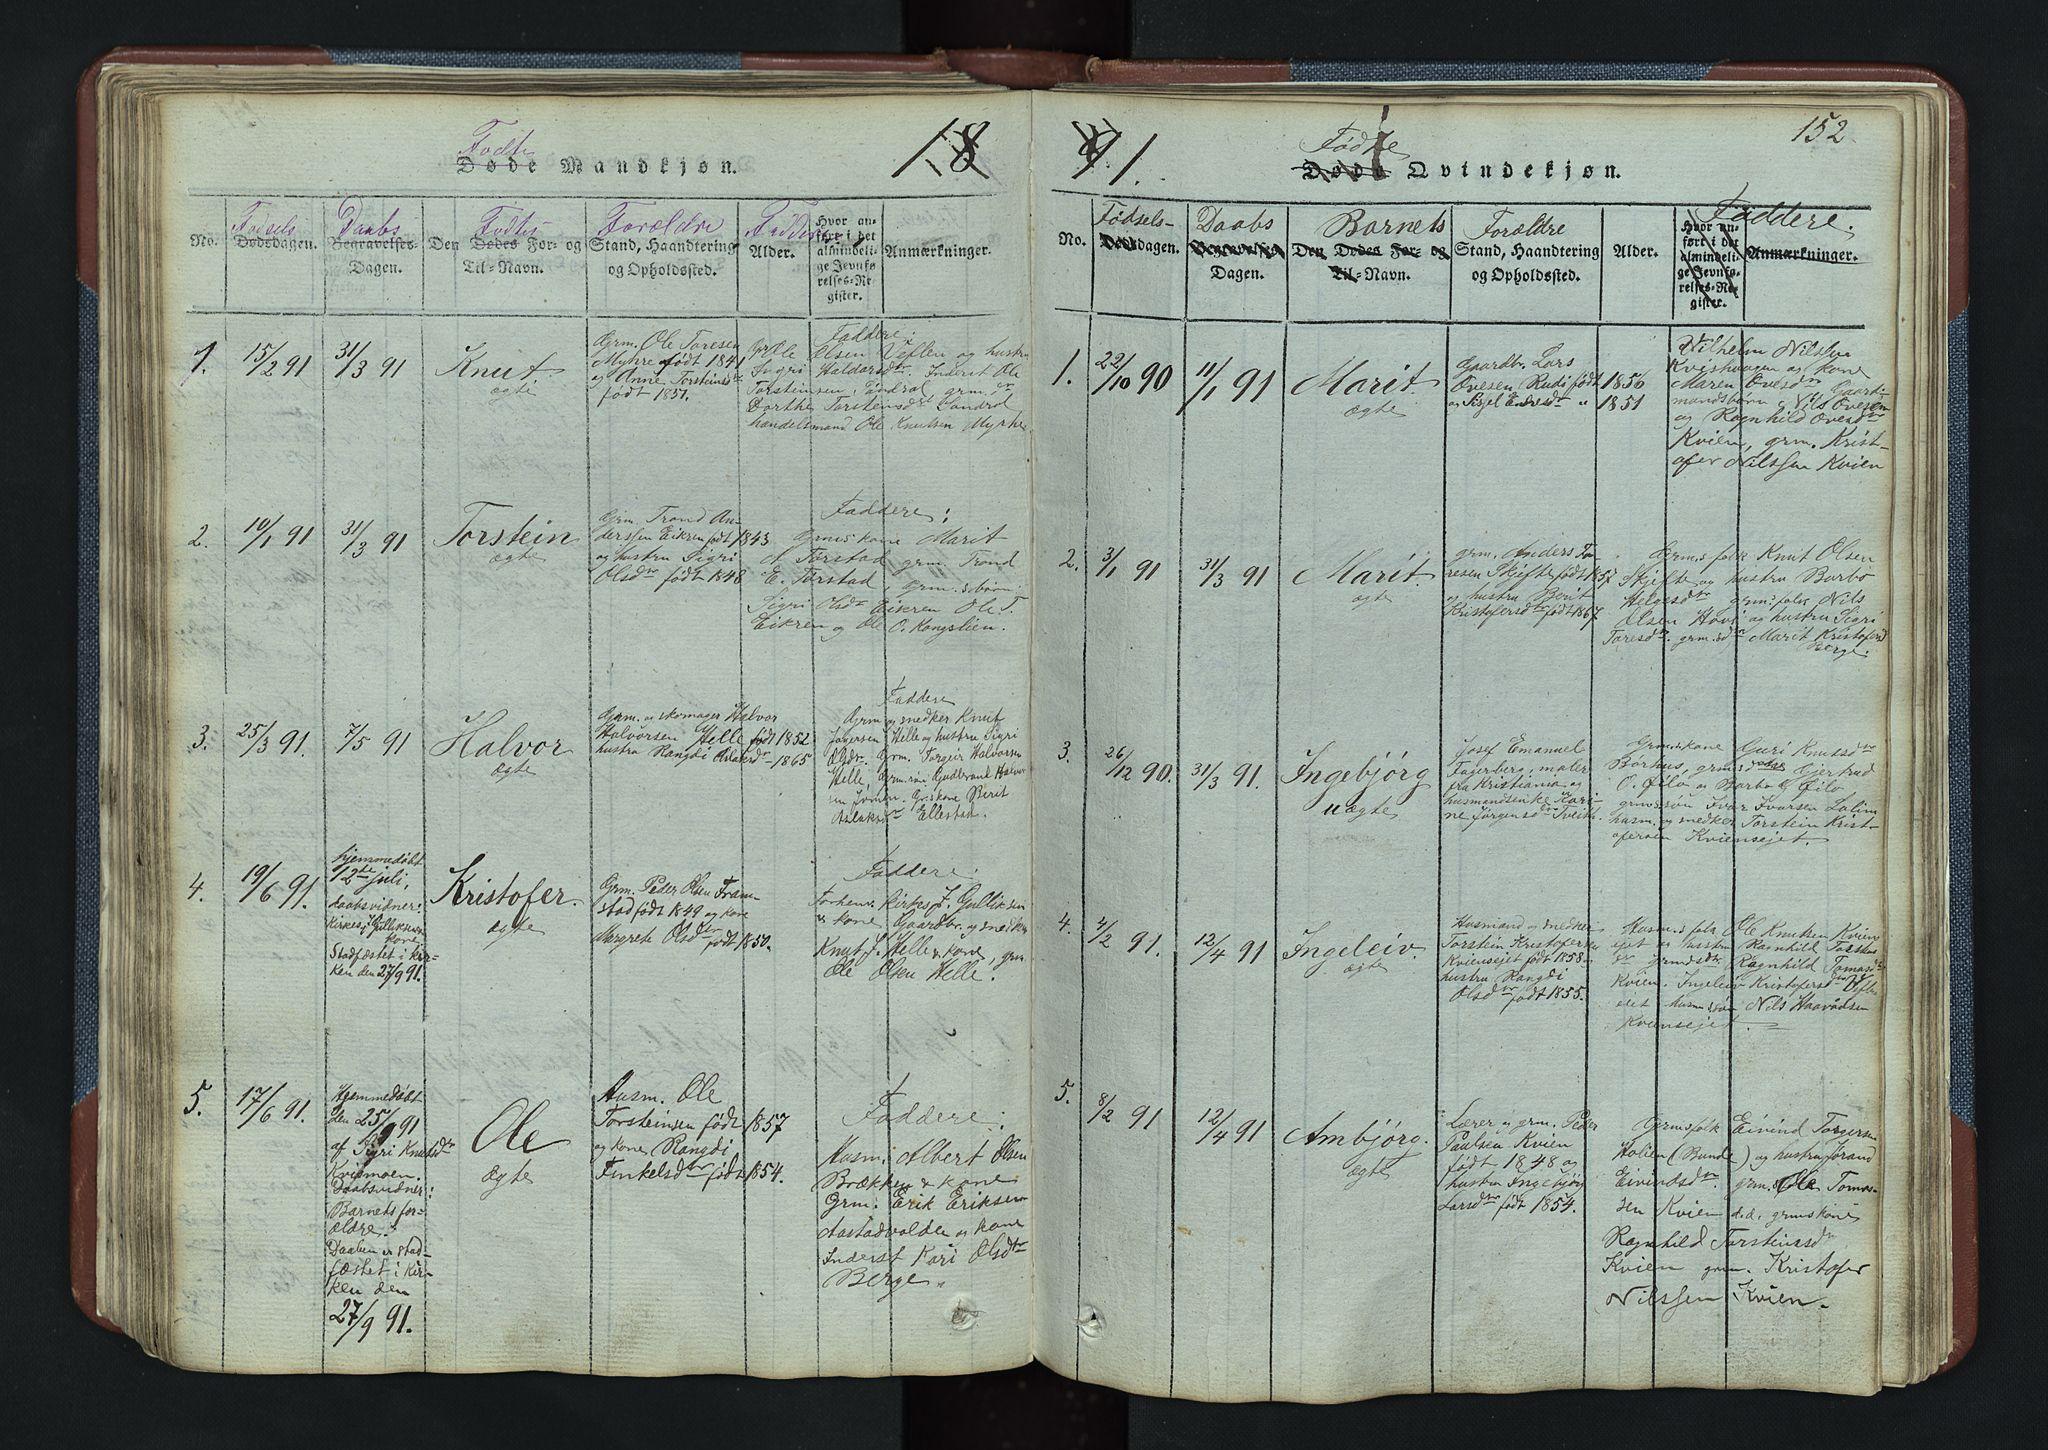 SAH, Vang prestekontor, Valdres, Klokkerbok nr. 3, 1814-1892, s. 152